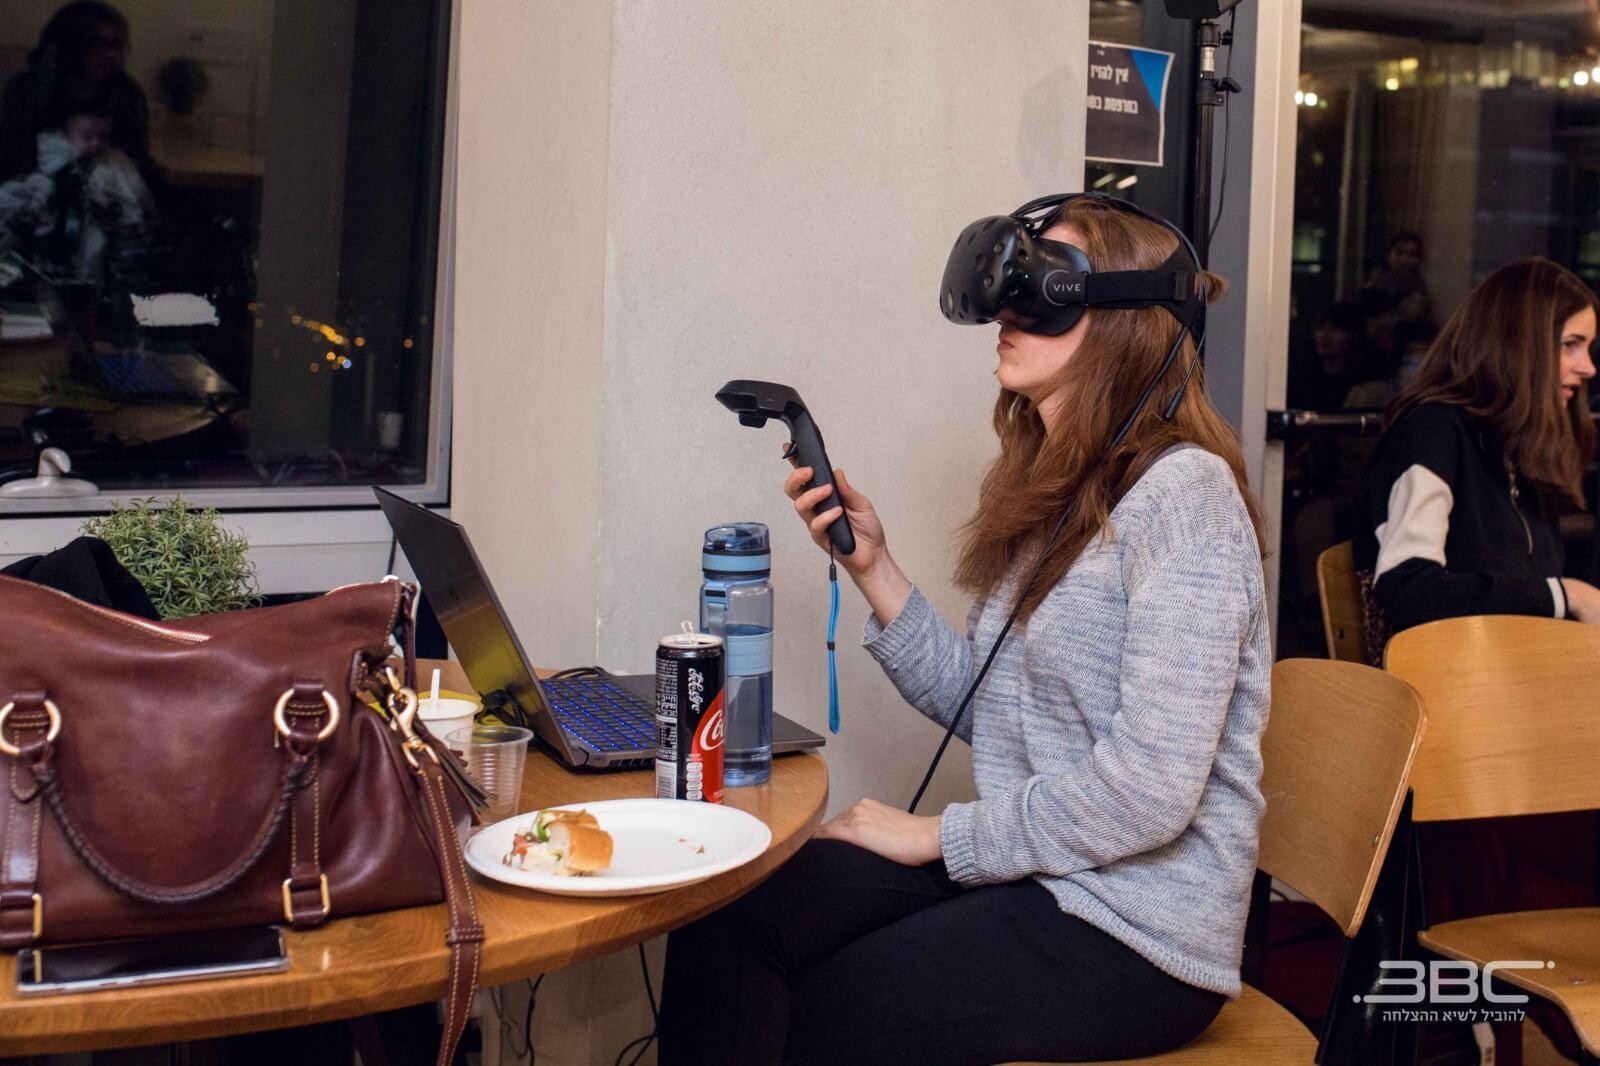 חדש ובלעדי: קורס לפיתוח ועיצוב מציאות מדומה ומציאות רבודה 1